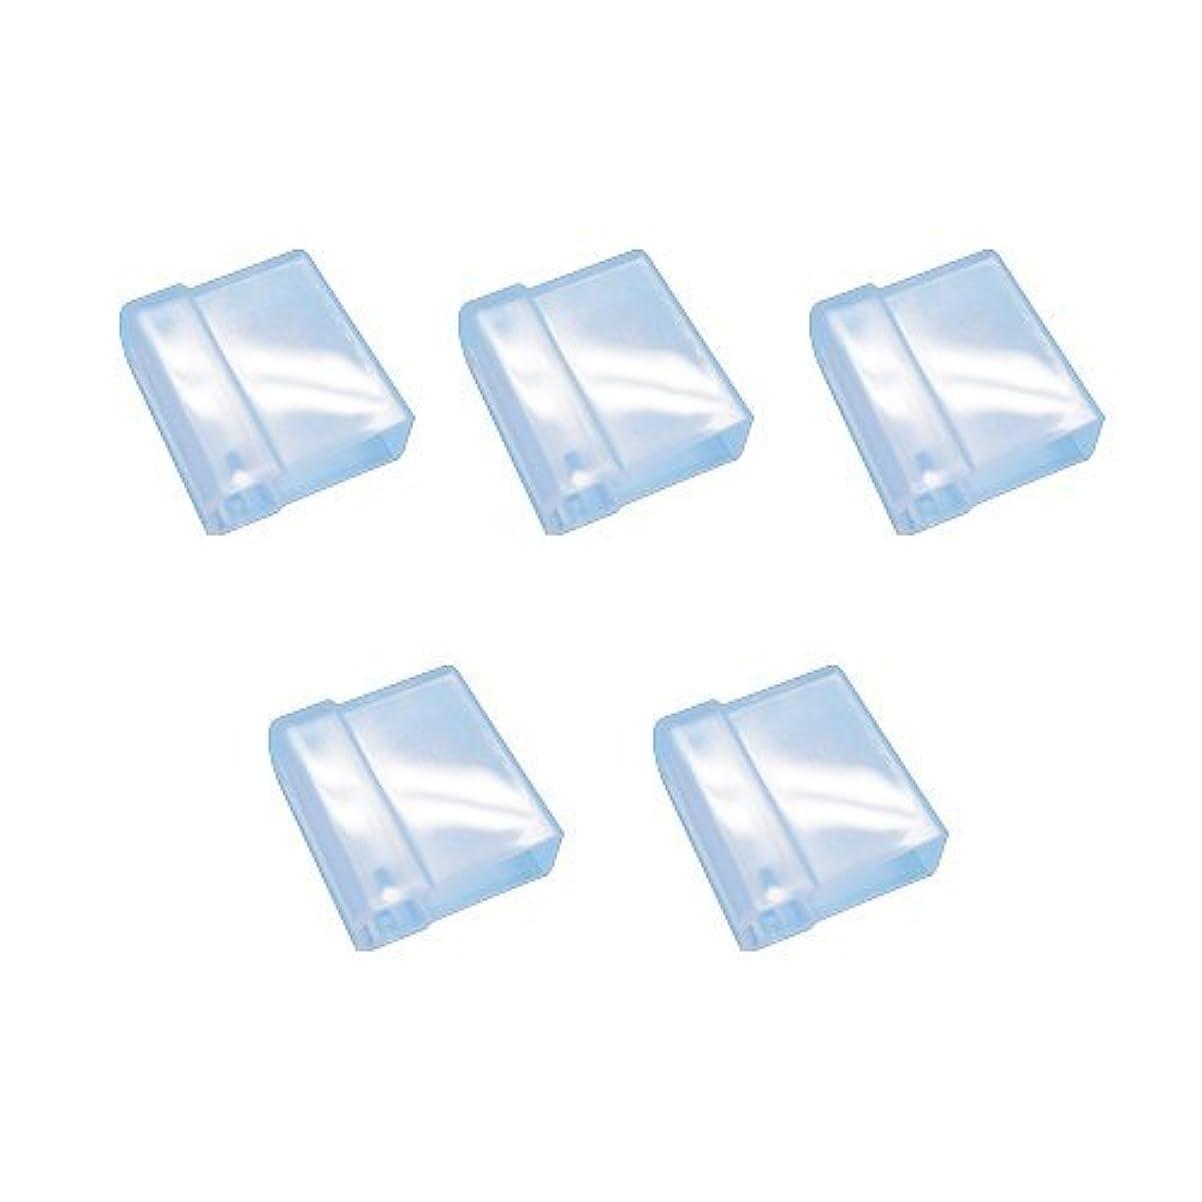 熱指枕タフト24専用 スライド式キャップ 5個入